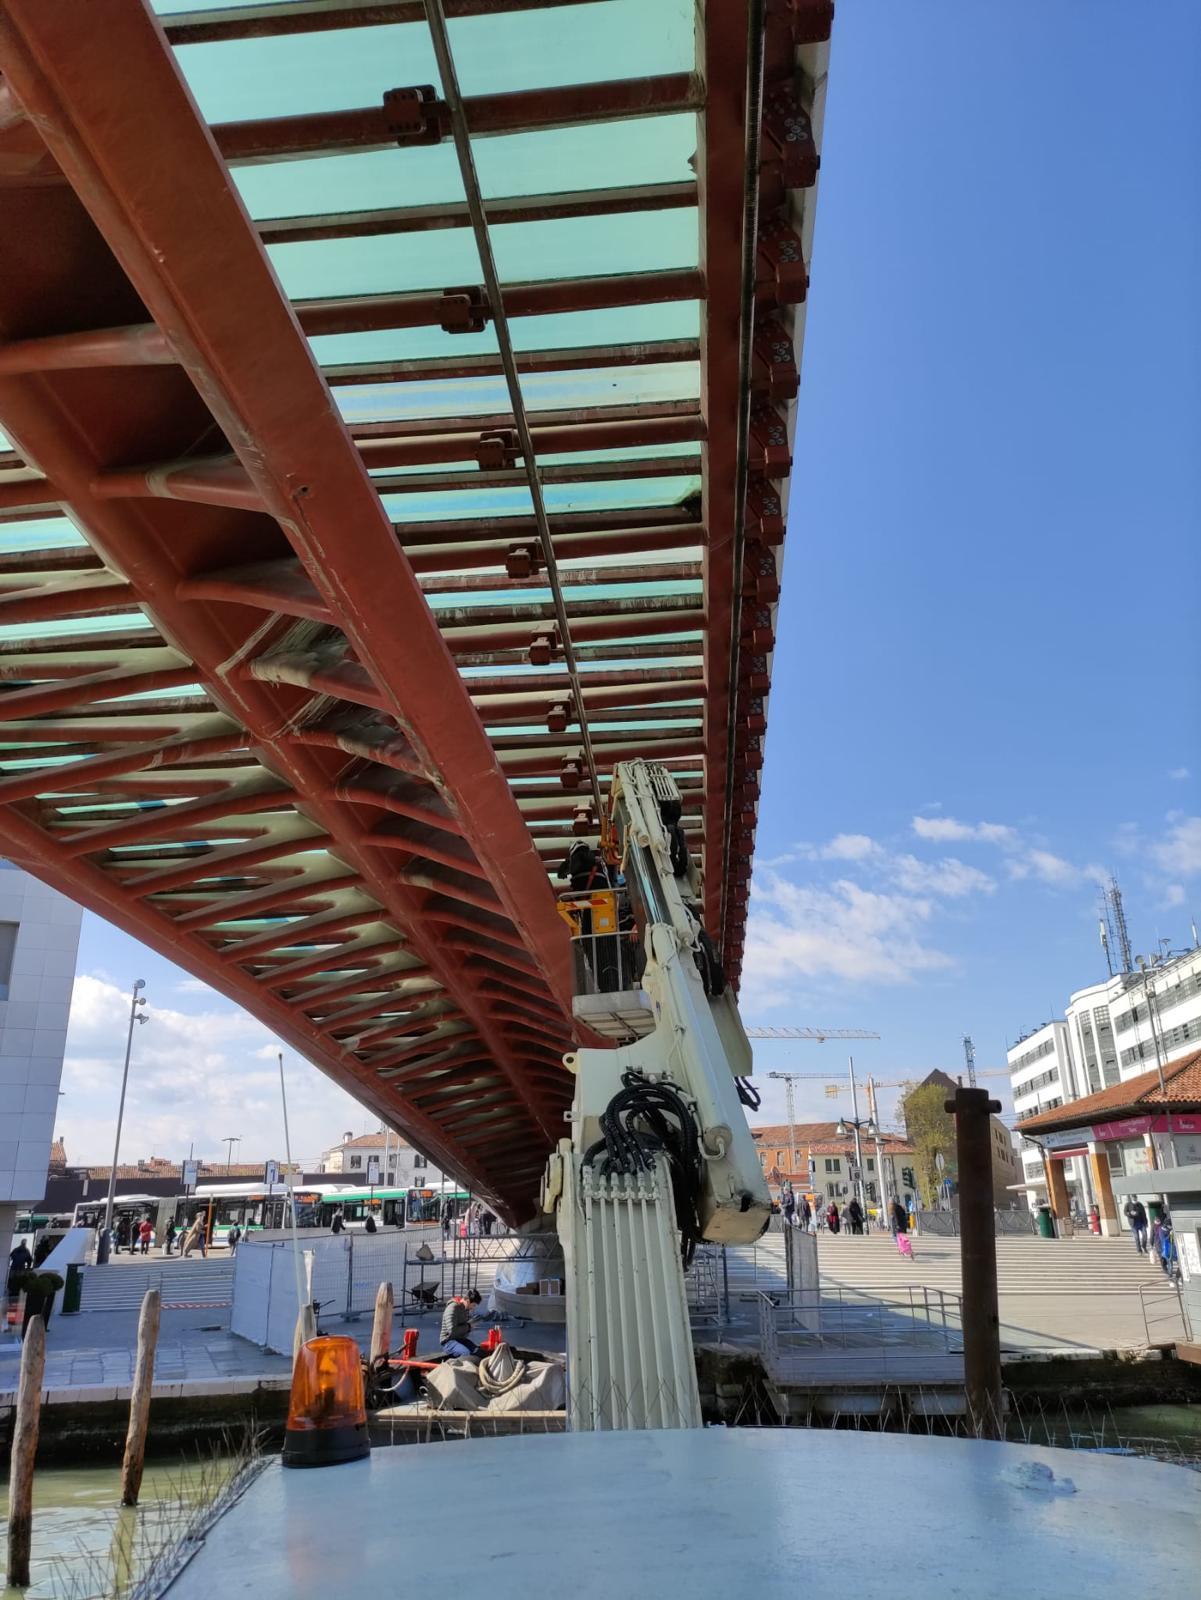 Installazione di sensori per il monitoraggio telematico delle contrazioni e dilatazioni termiche della struttura metallica, sul Ponte della Costituzione